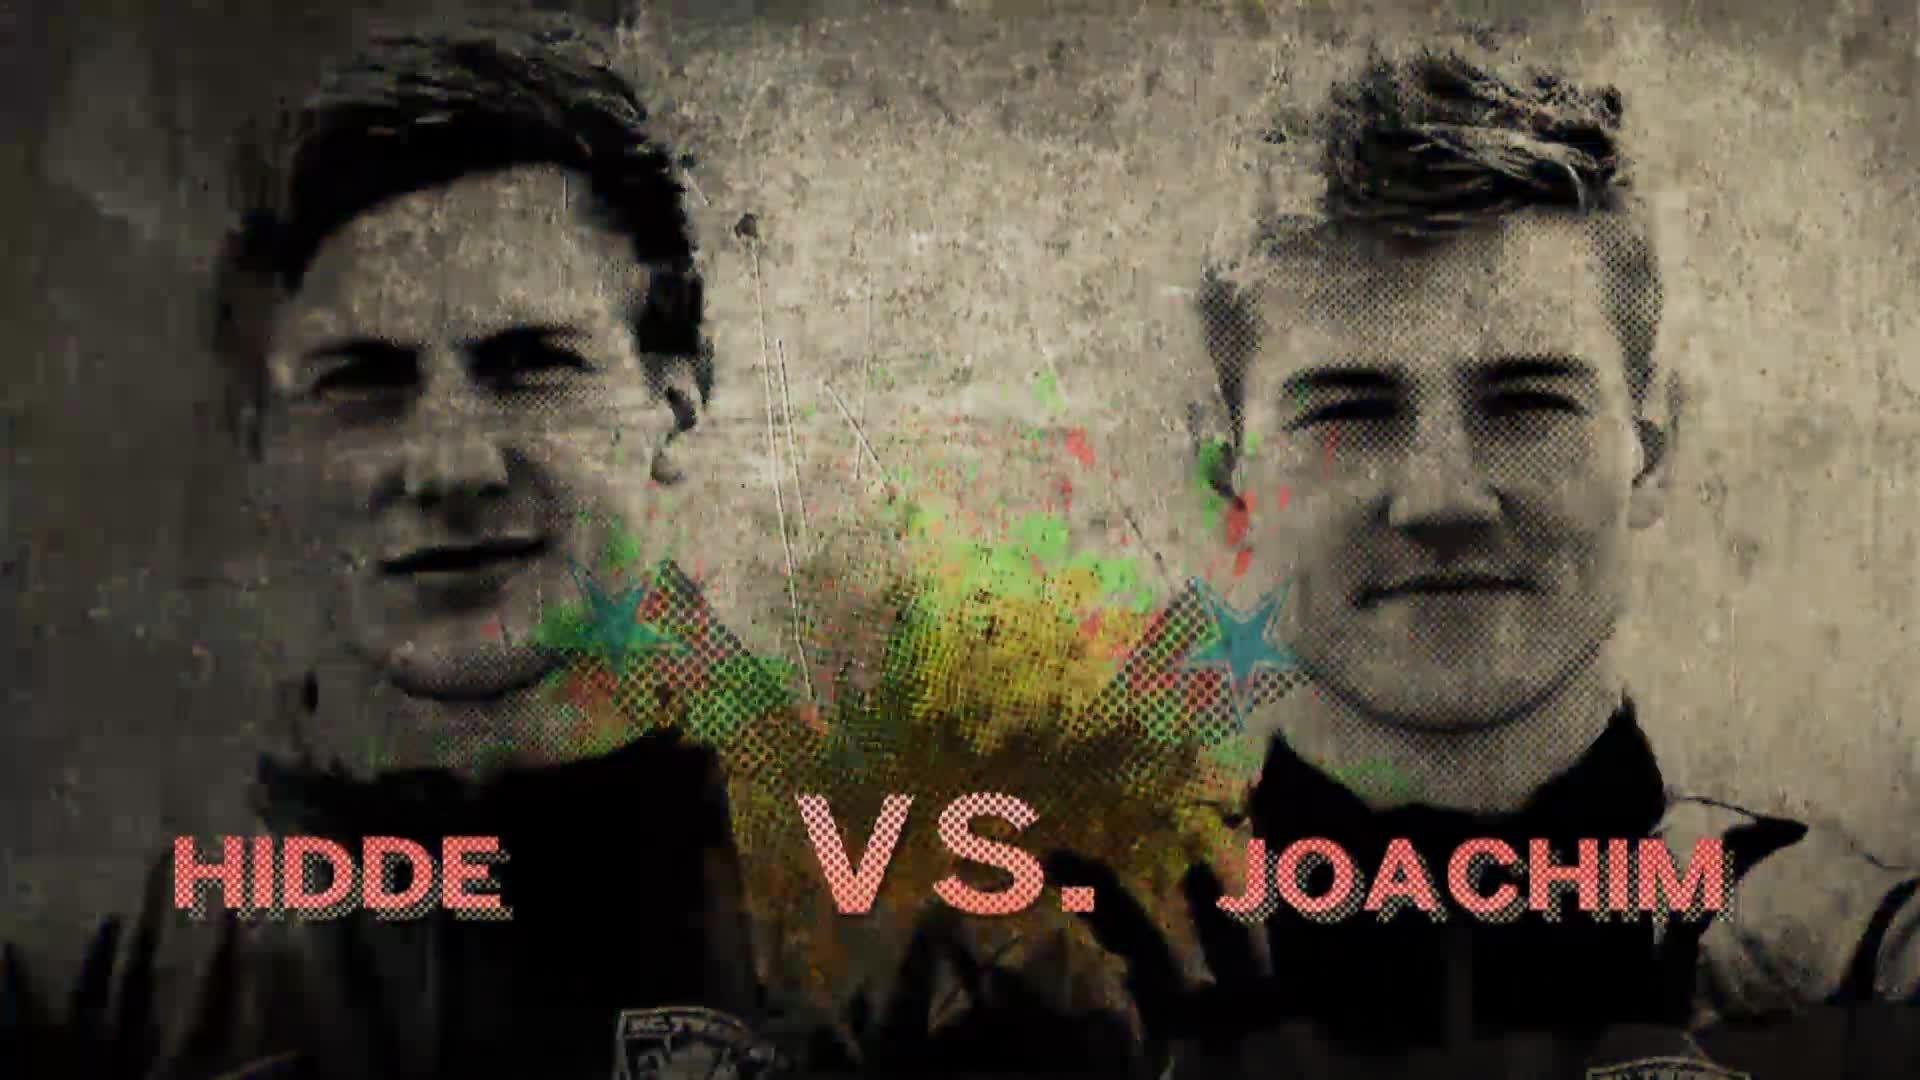 Goalmouth Voetbowl - Hidde ter Avest vs. Joachim Andersen